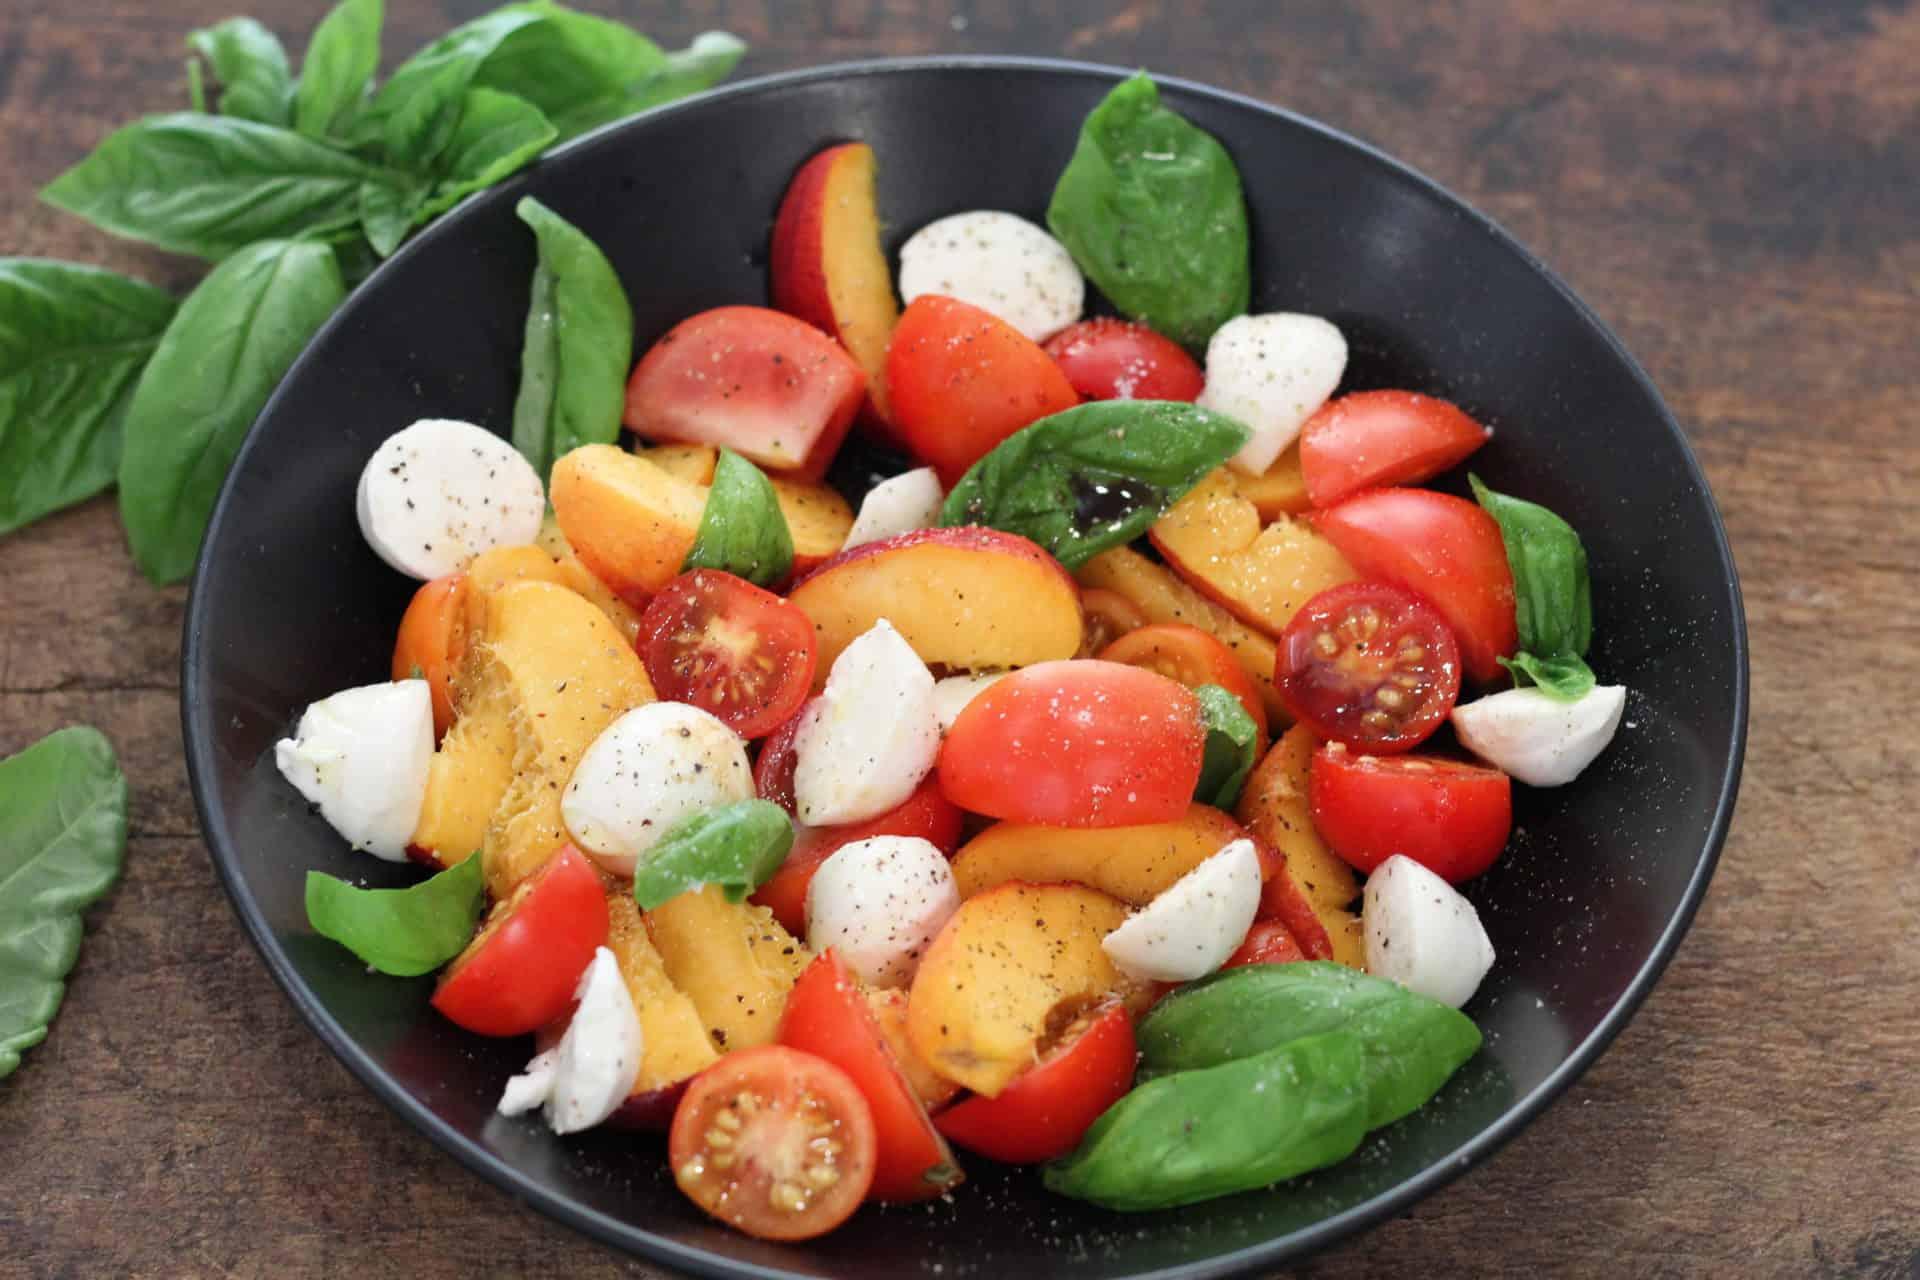 Summer, Salads, Sides, Vegetarian, Quick & Easy, Mediterranean, Mediterranean diet